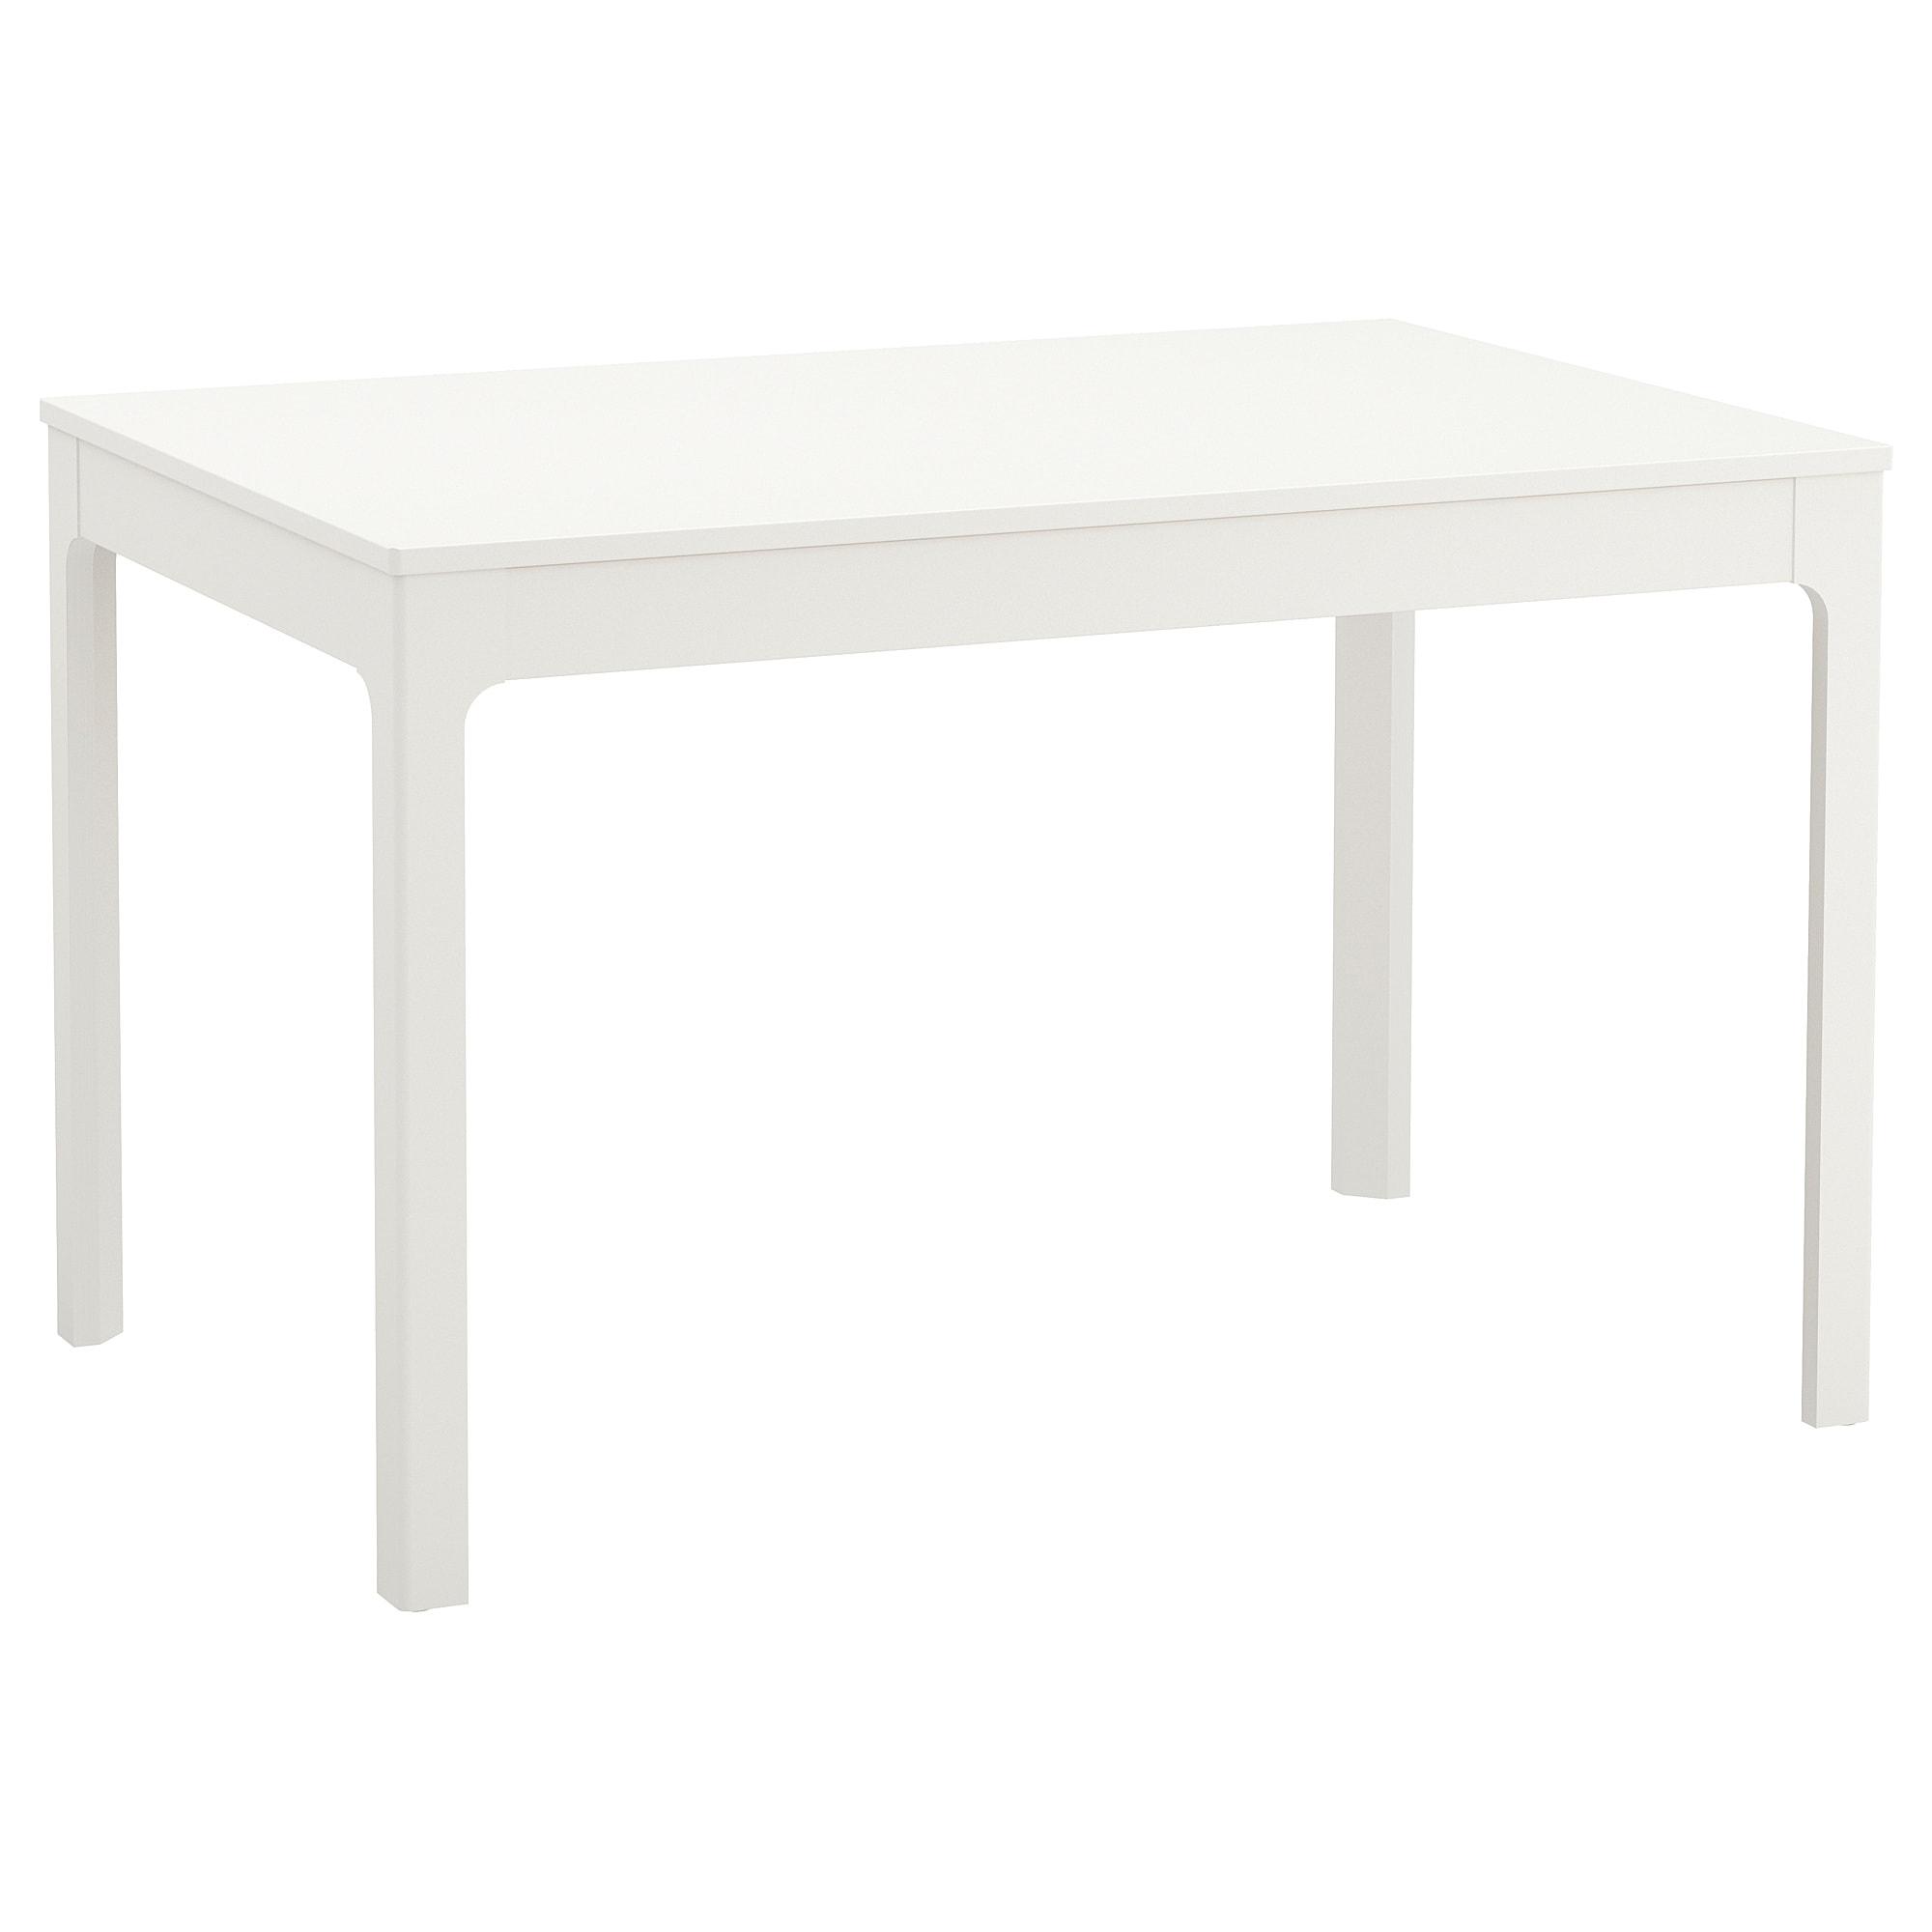 Mesas De Comedor Ikea Ffdn Ekedalen Mesa Extensible Blanco 120 180 X 80 Cm Ikea